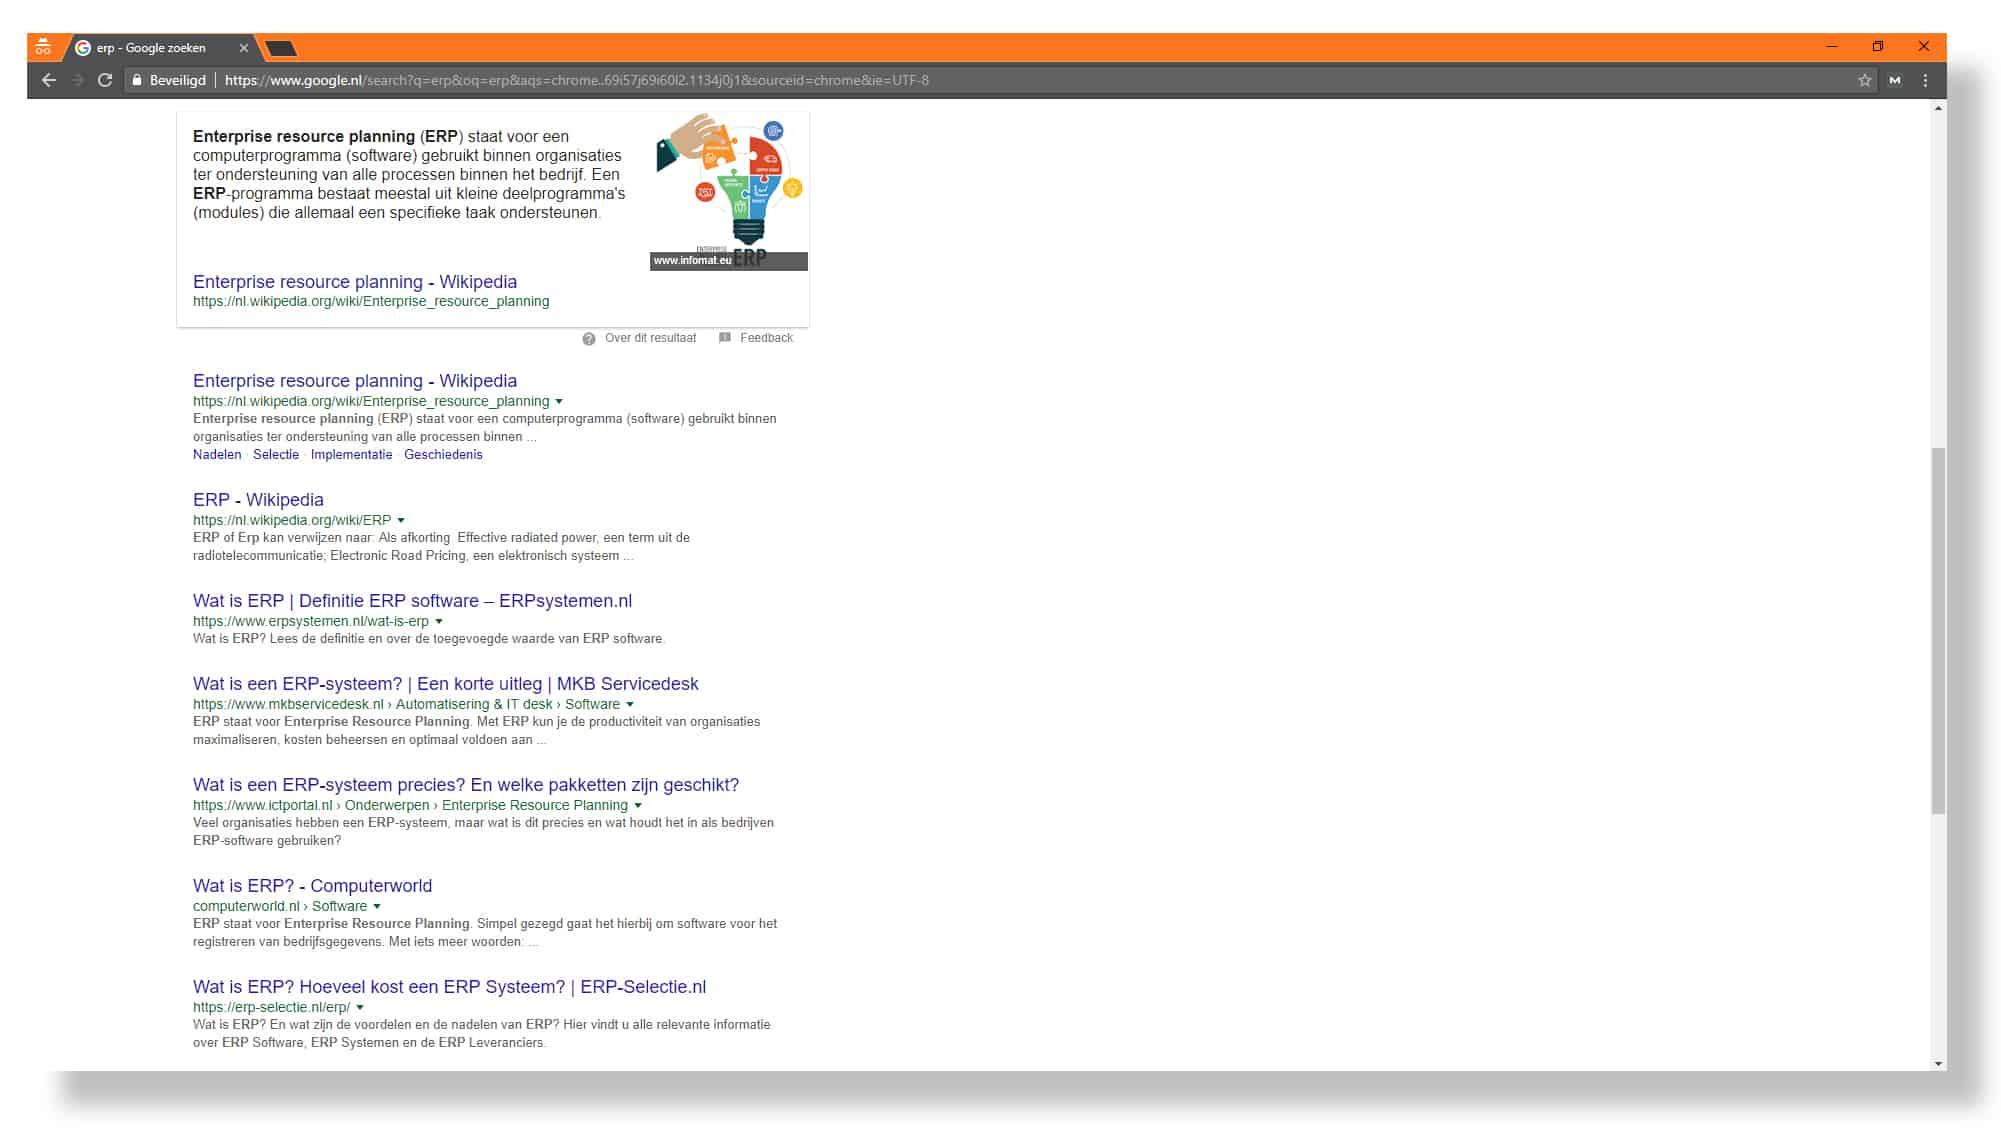 Zoekwoorden van online concurrenten onder de loep